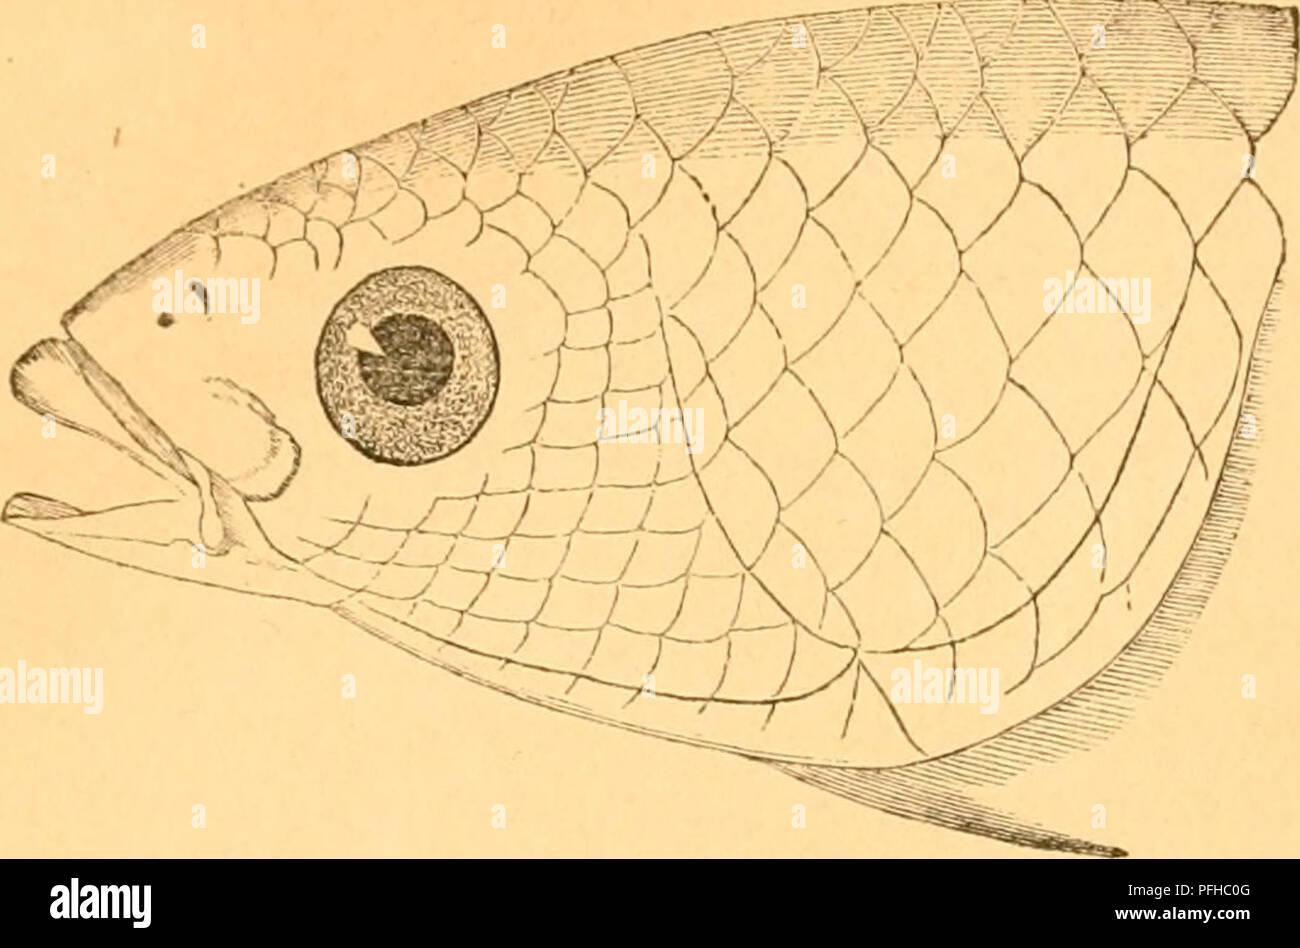 . Danmarks fiske. Fishes. 3()5. eller fem en ^»infcl, l)oié øfarpl)cti er ofruntet. ^Diunfcvigeinc naae tjcn un^ev ^uTfiluncrne, eller nøjagtigere uiiter te for= rcfle 5^ll^cr >cici Cjebencté neterflc 3{ant). Tiaciv ^lun- ten ciabnc^, feer man, at Uii ber f jæb en, l)oi^ ©rene eve fccrfceteé flate cg Incce, iiitfatteé af en brcb, flab cg meget t»)nt) Sæbe, Ijoié IHant er ffarp cg ufcen nogenlljccn()ct); tcnne £Tbe er fnarere LnufFagtig ent) l^ubagtig, mob 8iberiic blicer ten neget brebere ciib feranj i SKibten, l)v»or tlnbcrfjabené 0)rene fortil forene ftg, l)ar beti et lille Snbfnit, ell - Stock Image